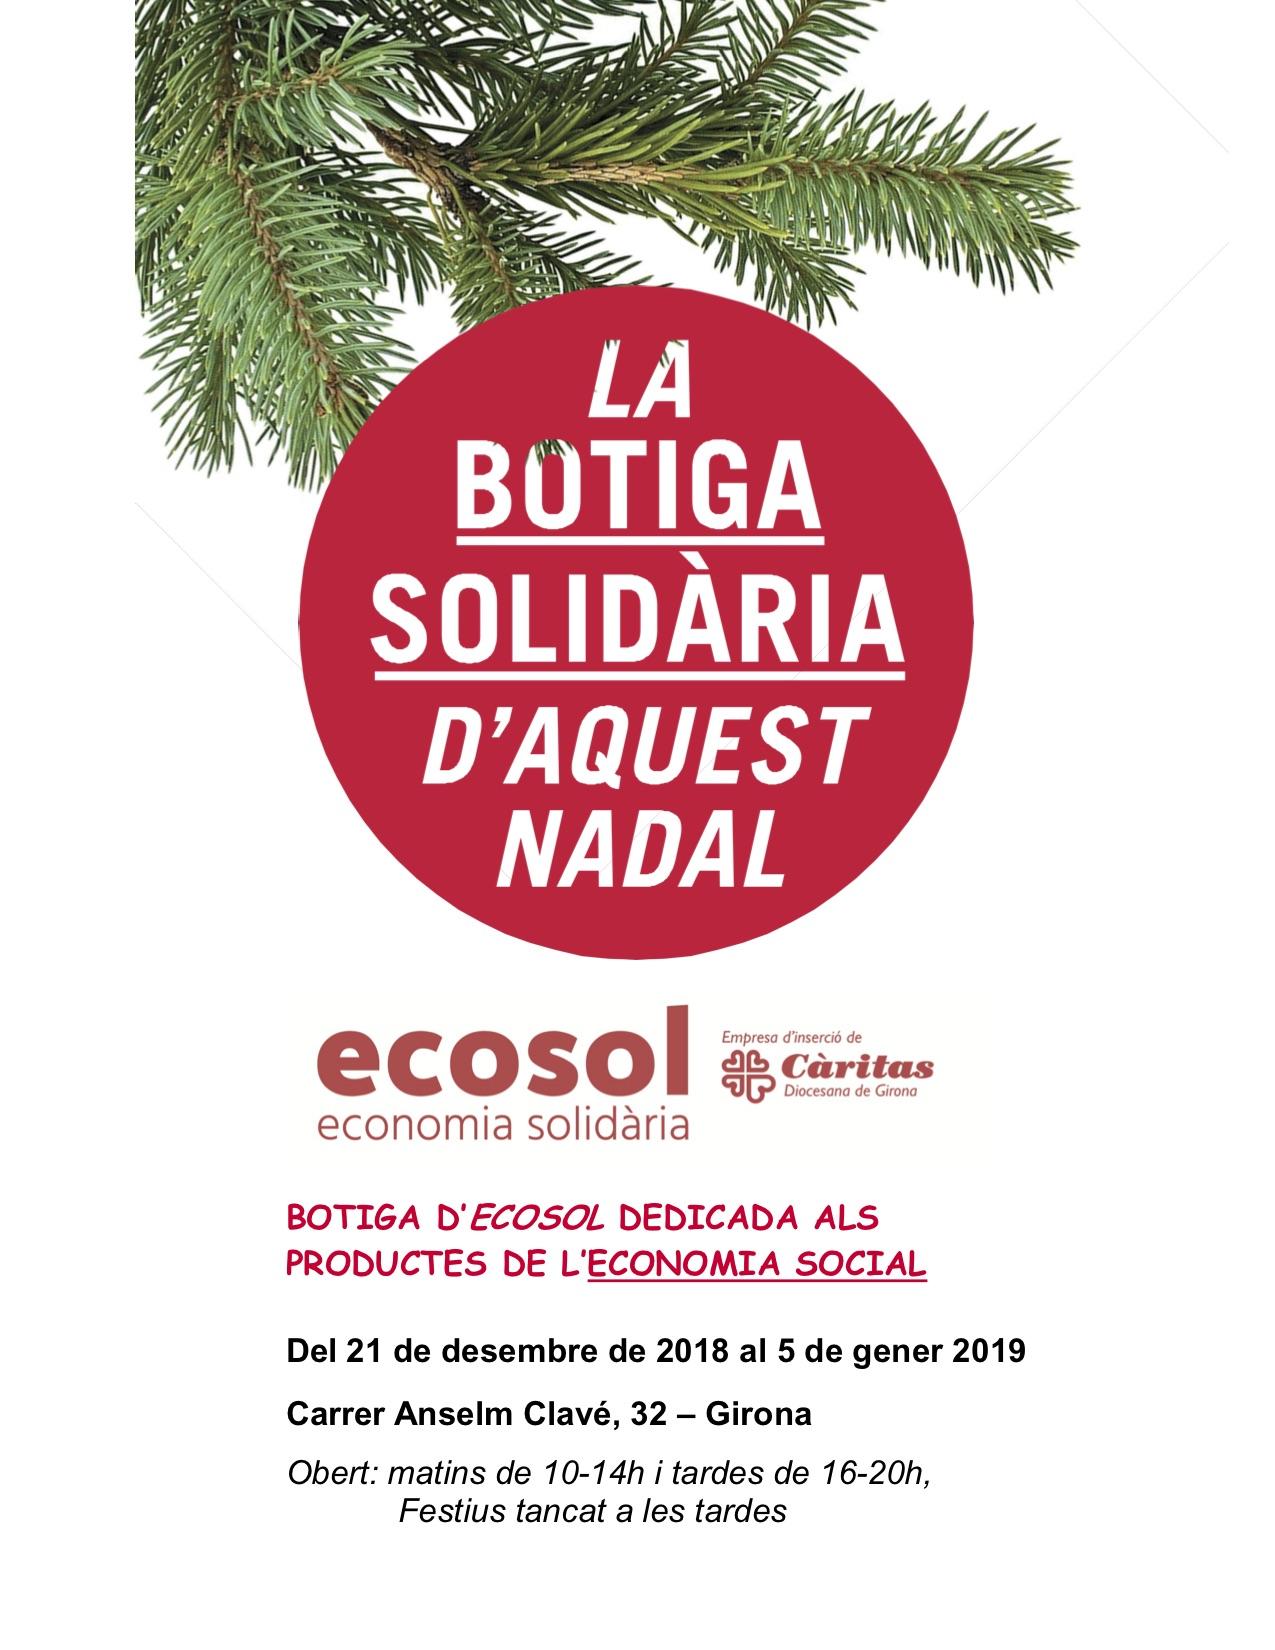 Botiga solidària de Nadal d'Ecosol a Girona